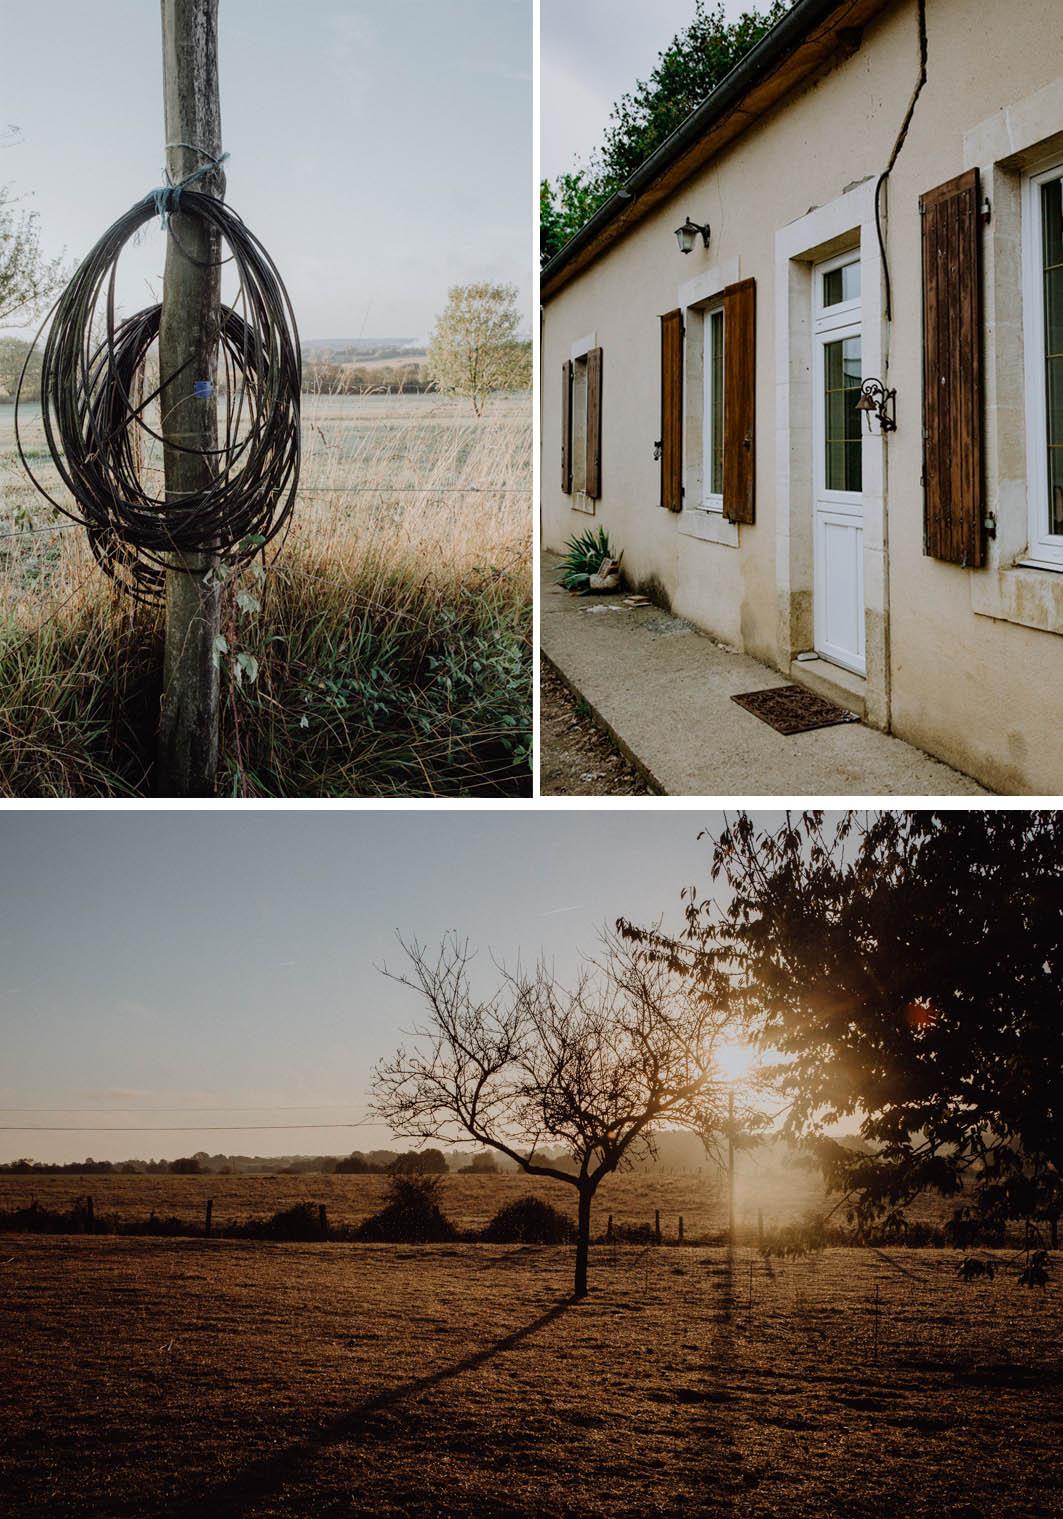 Bauernhof in Frankreich